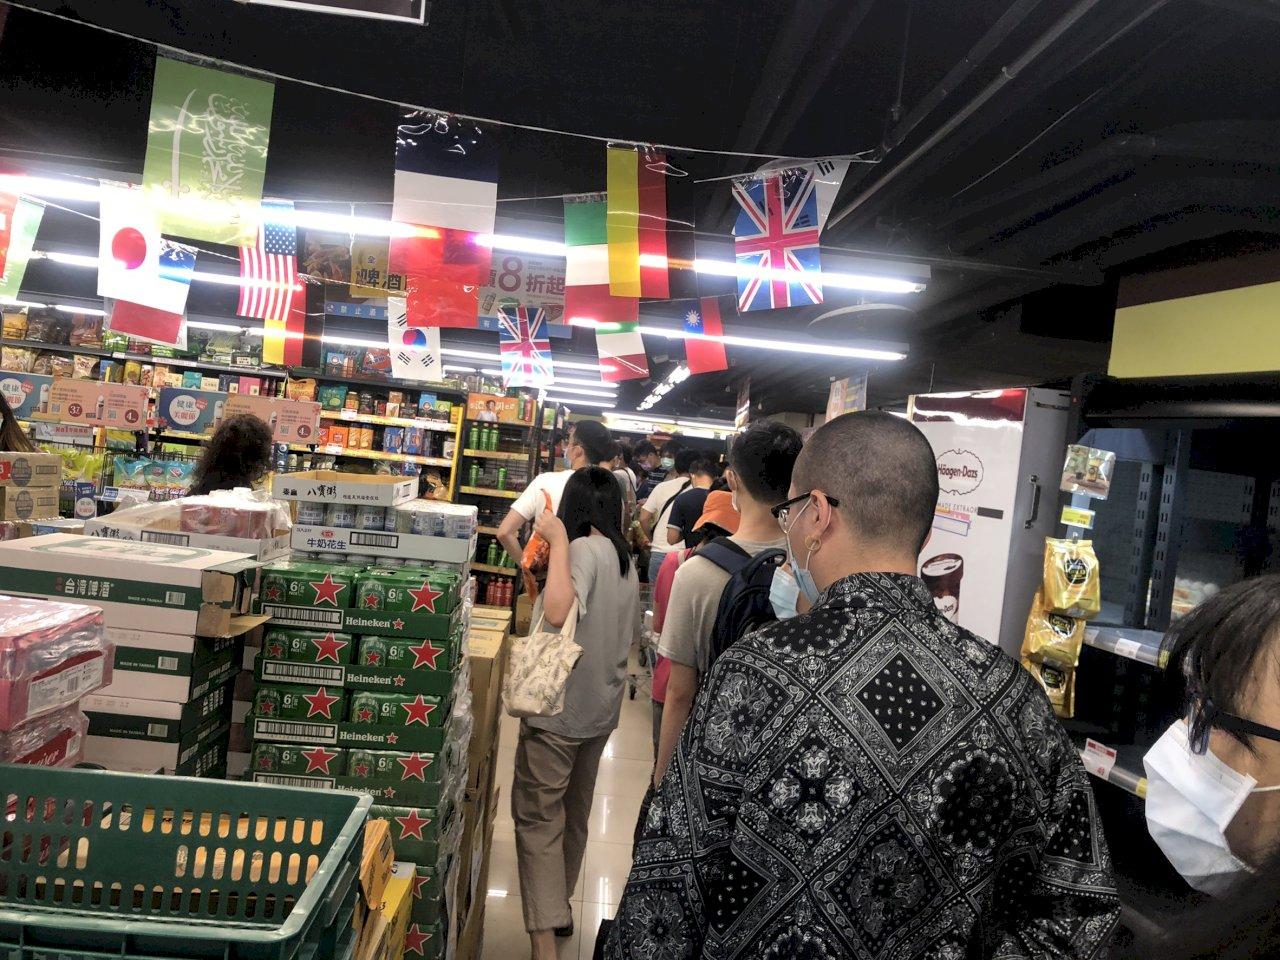 擠爆!雙北第三級警戒 超市量販店爆發搶購潮結帳等逾一小時